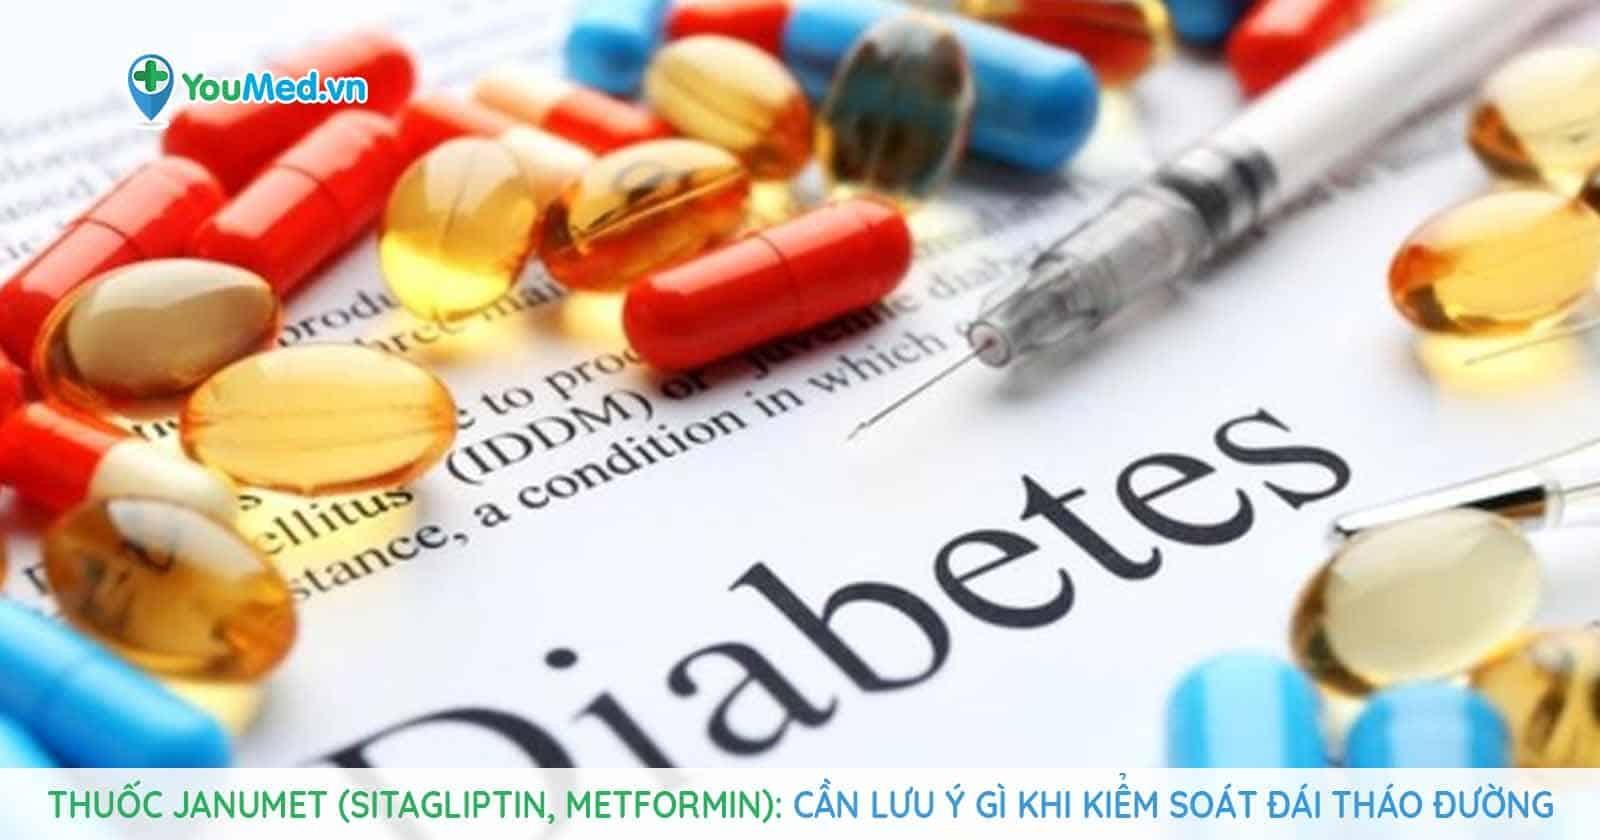 Thuốc Janumet (sitagliptin, metformin): Cần lưu ý gì khi kiểm soát đái tháo đường